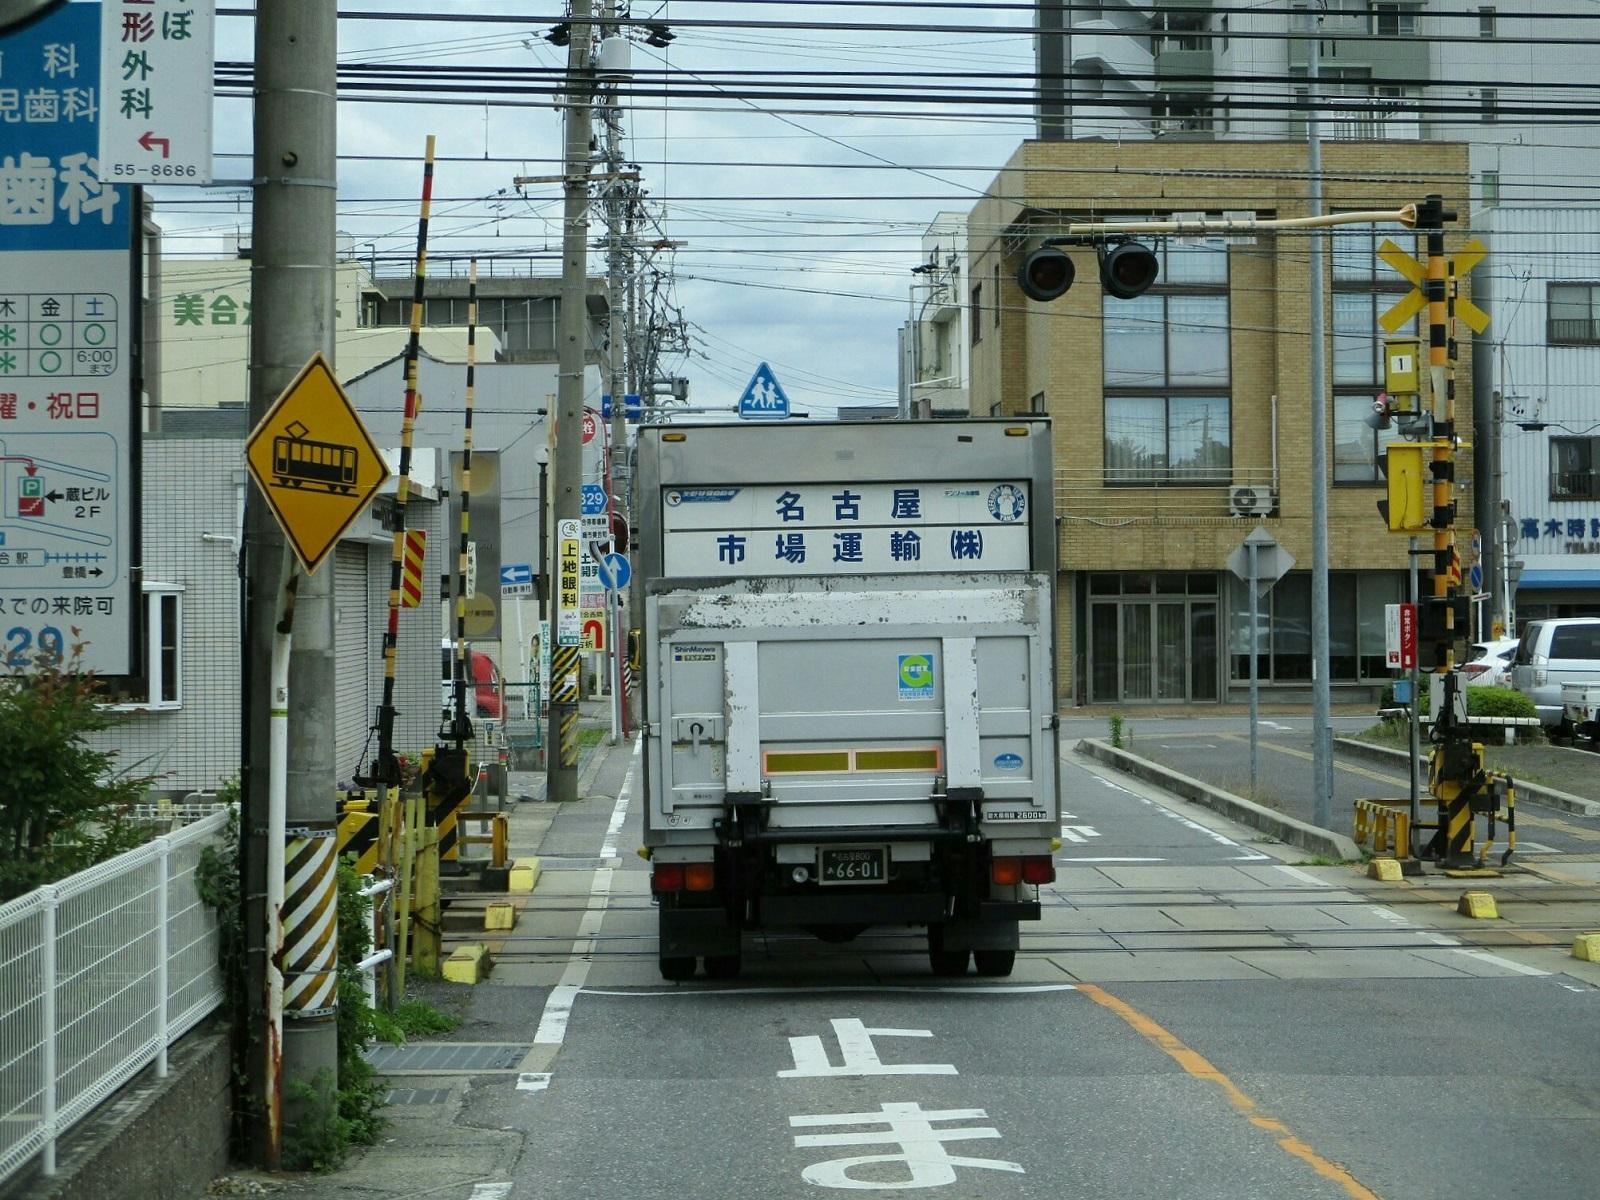 2018.6.19 (42) 美合駅いきバス - 名古屋本線ふみきり 1600-1200